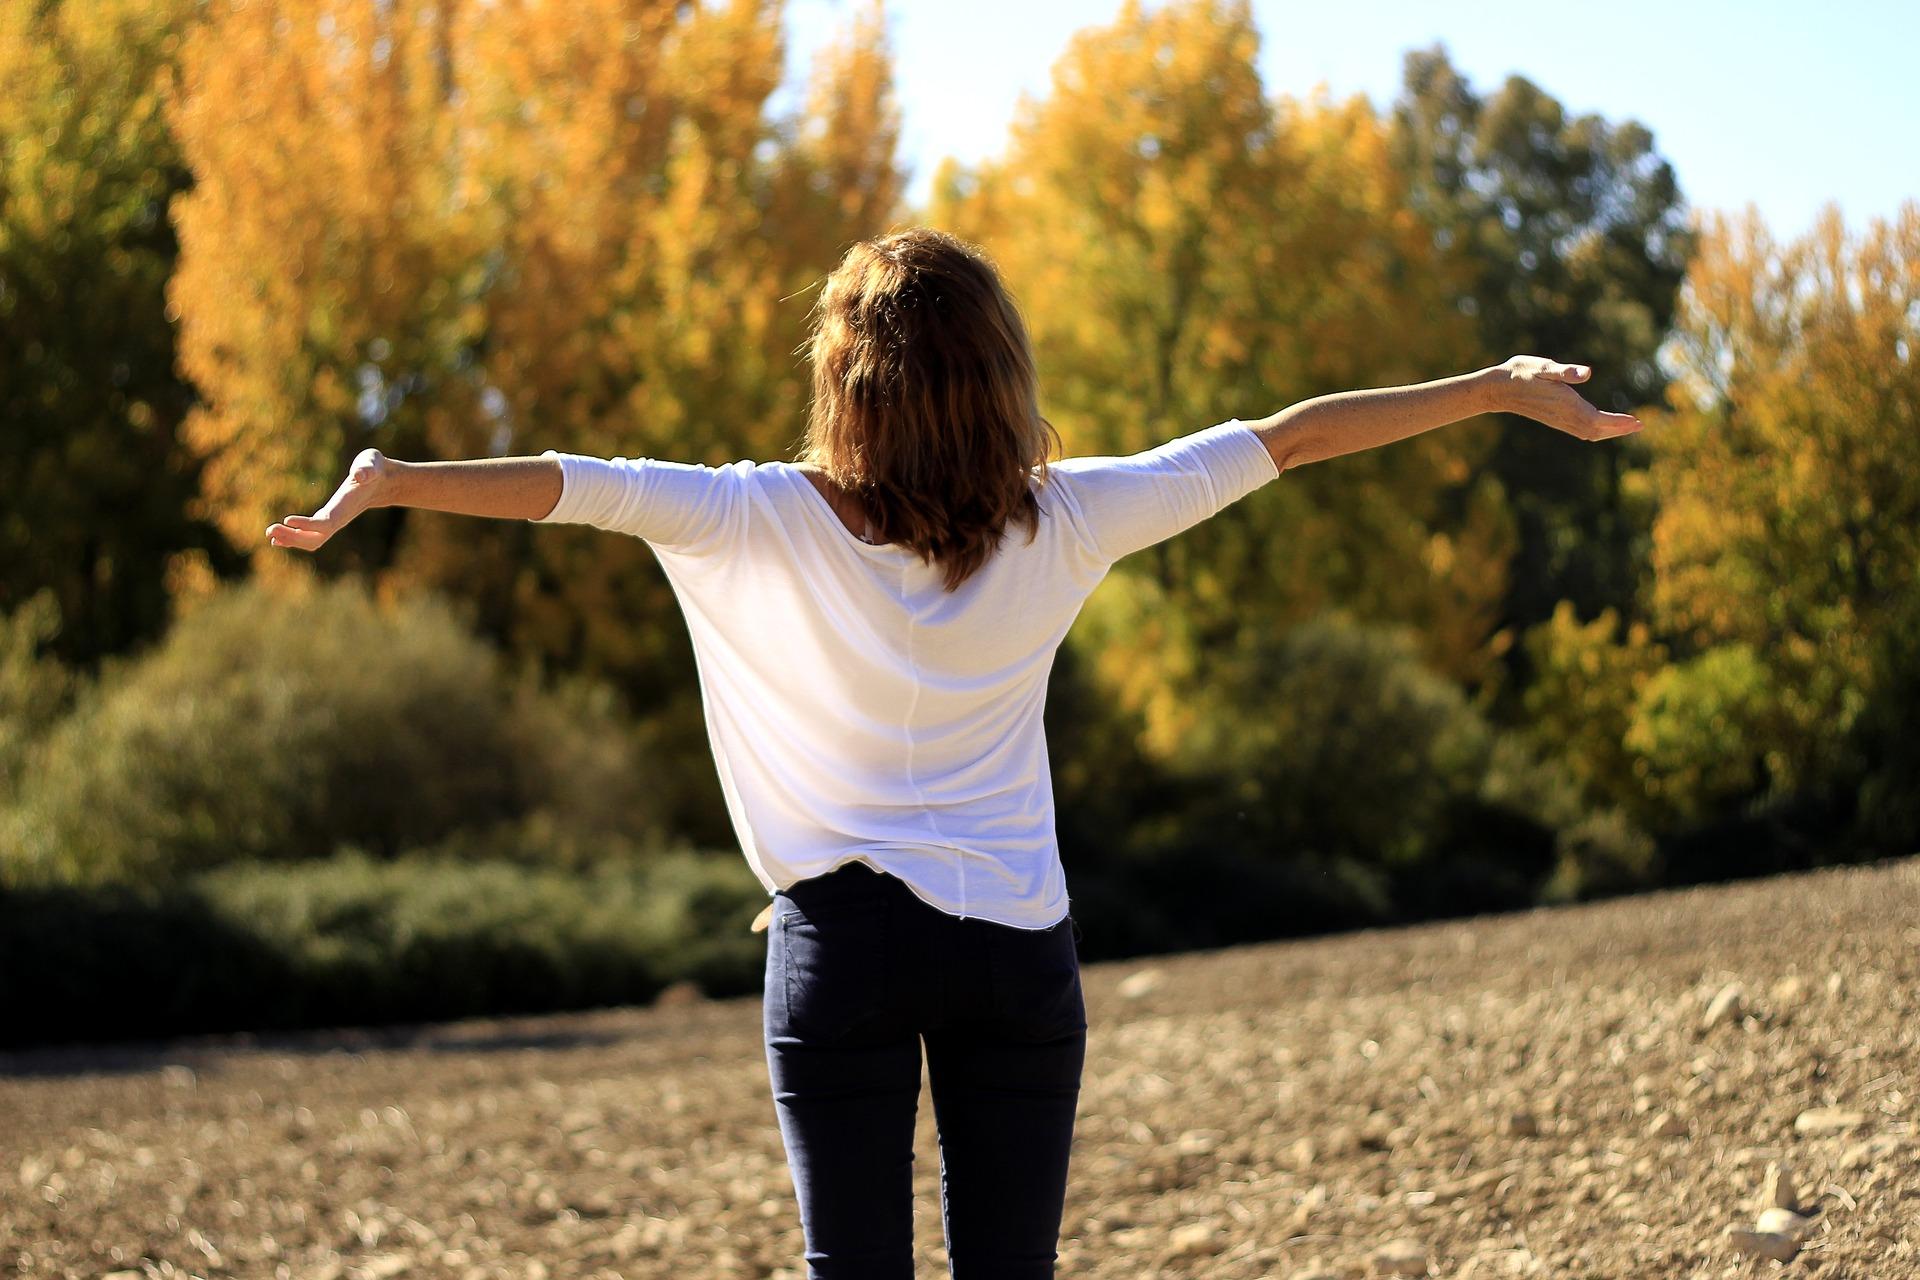 Kobieta cieszy się czystym powietrzem na łonie natury, a to dzięki taryfie antysmogowej